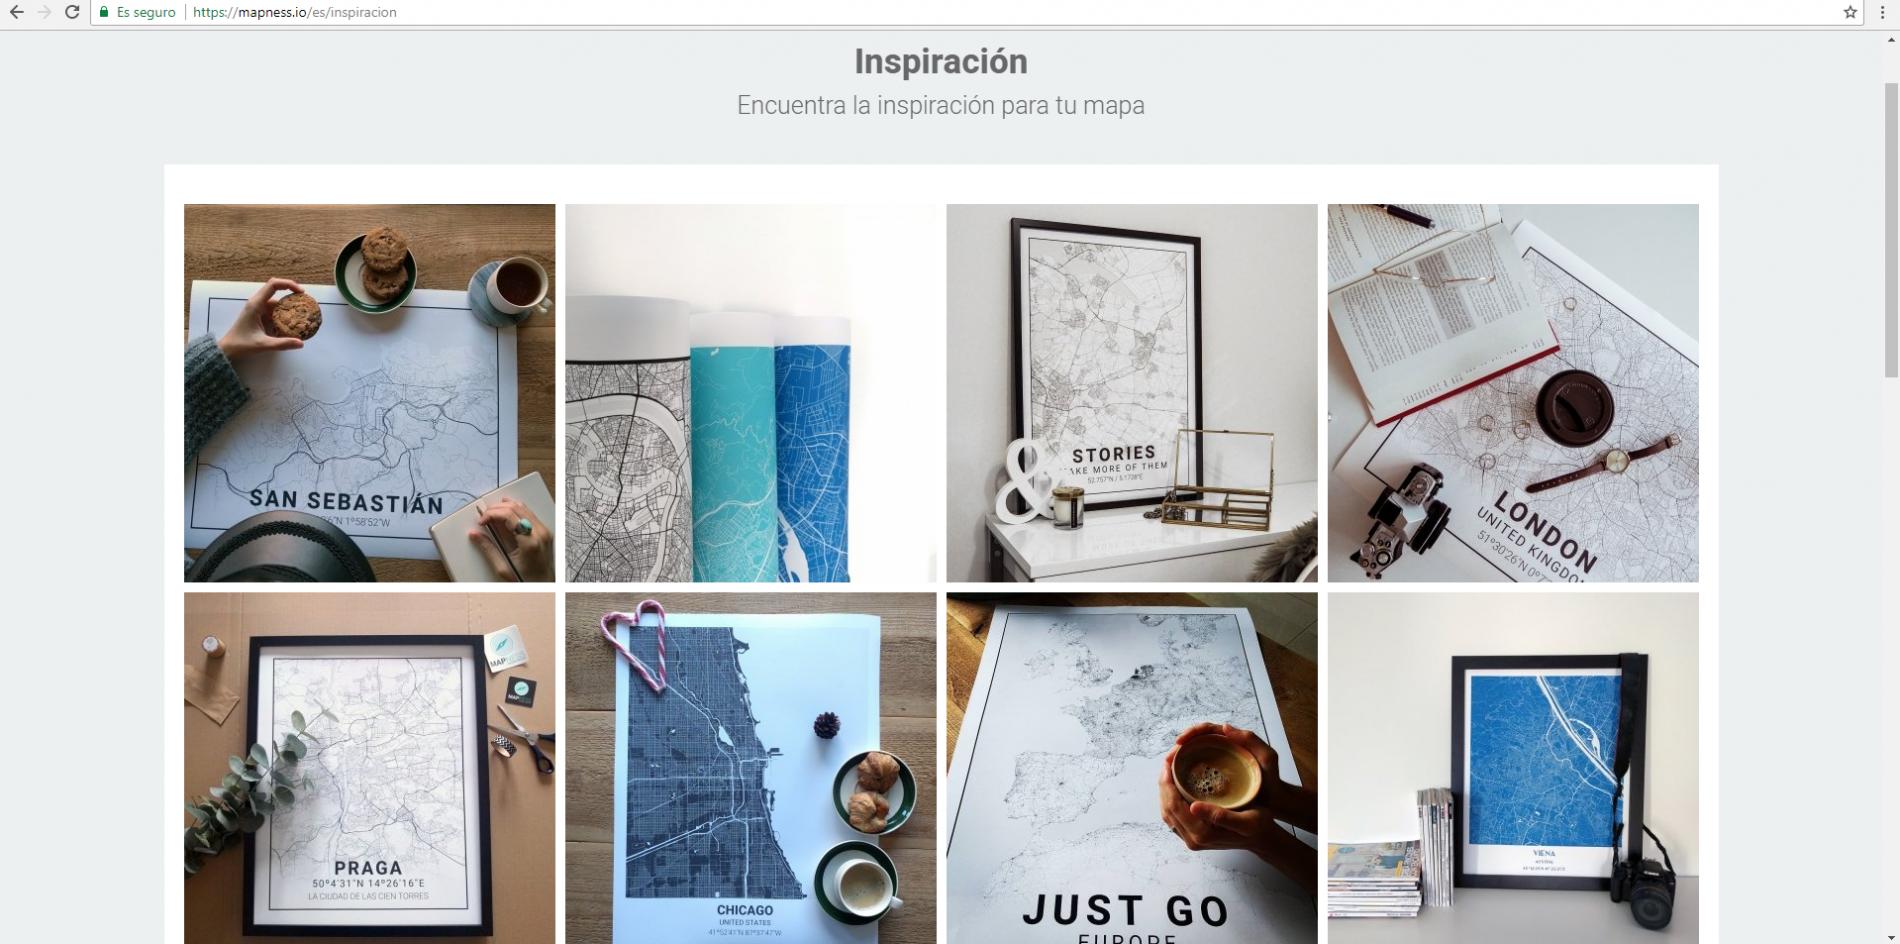 Página de inspiración/Mapness.io